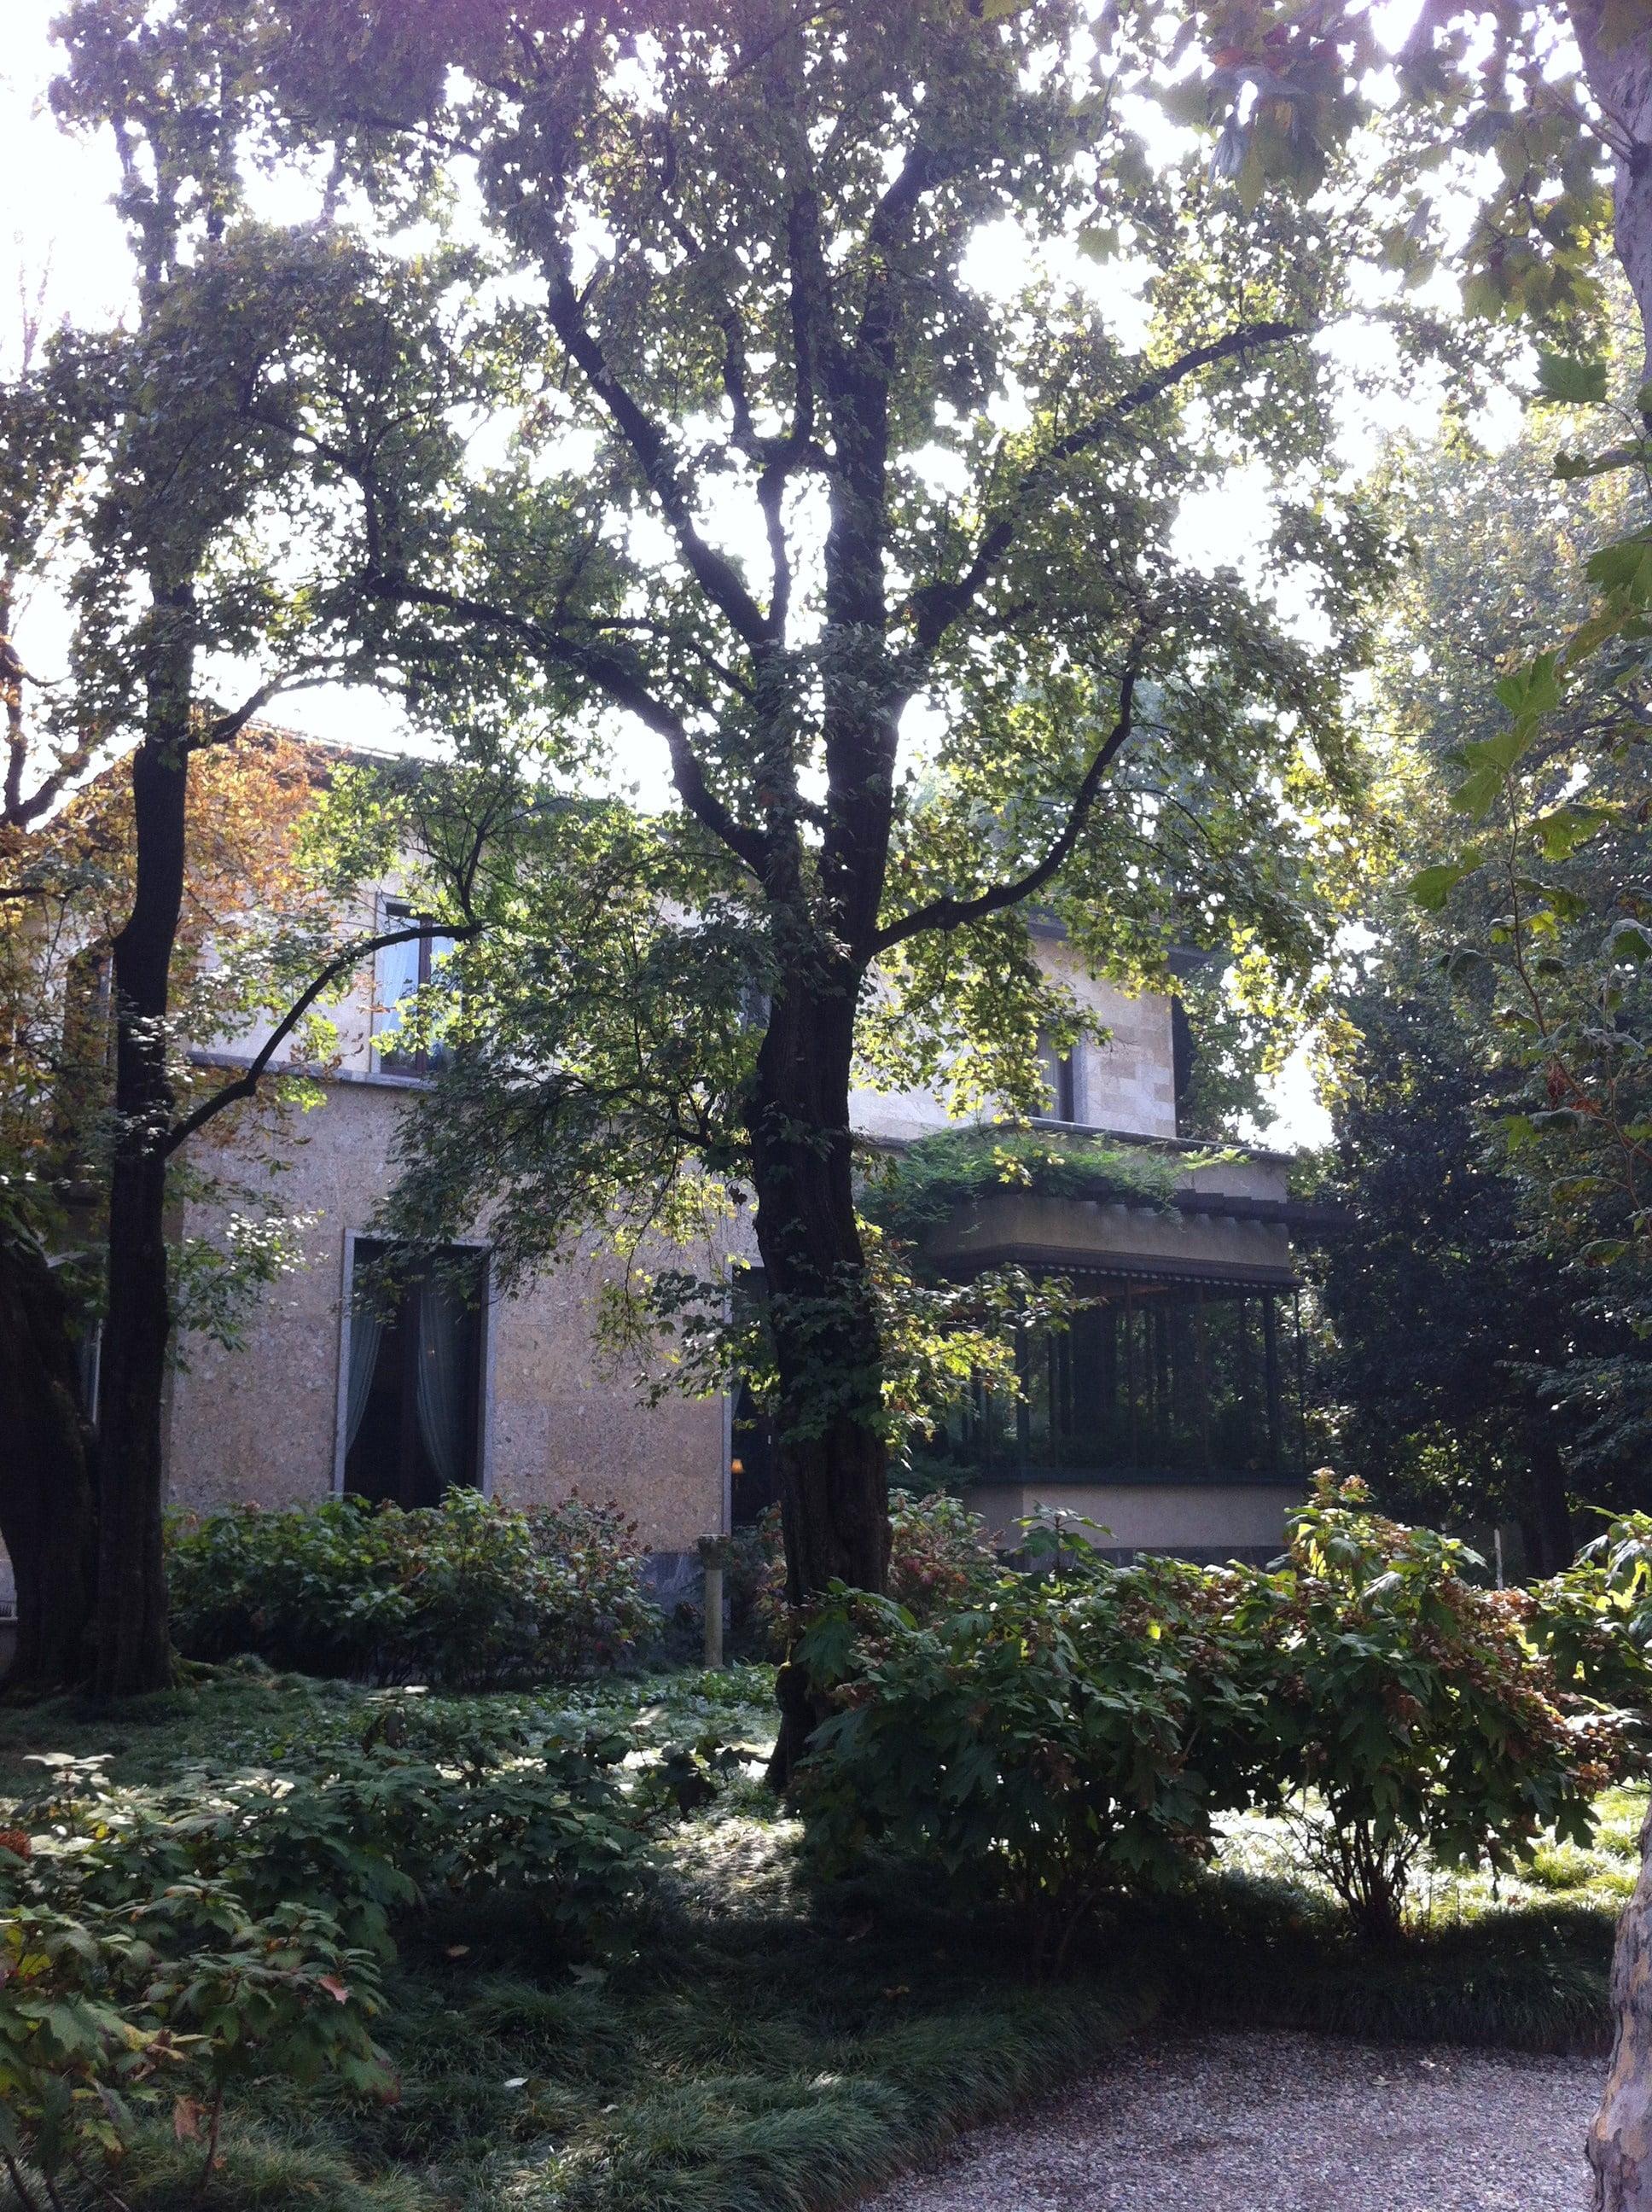 Villa Necchi-Campiglio